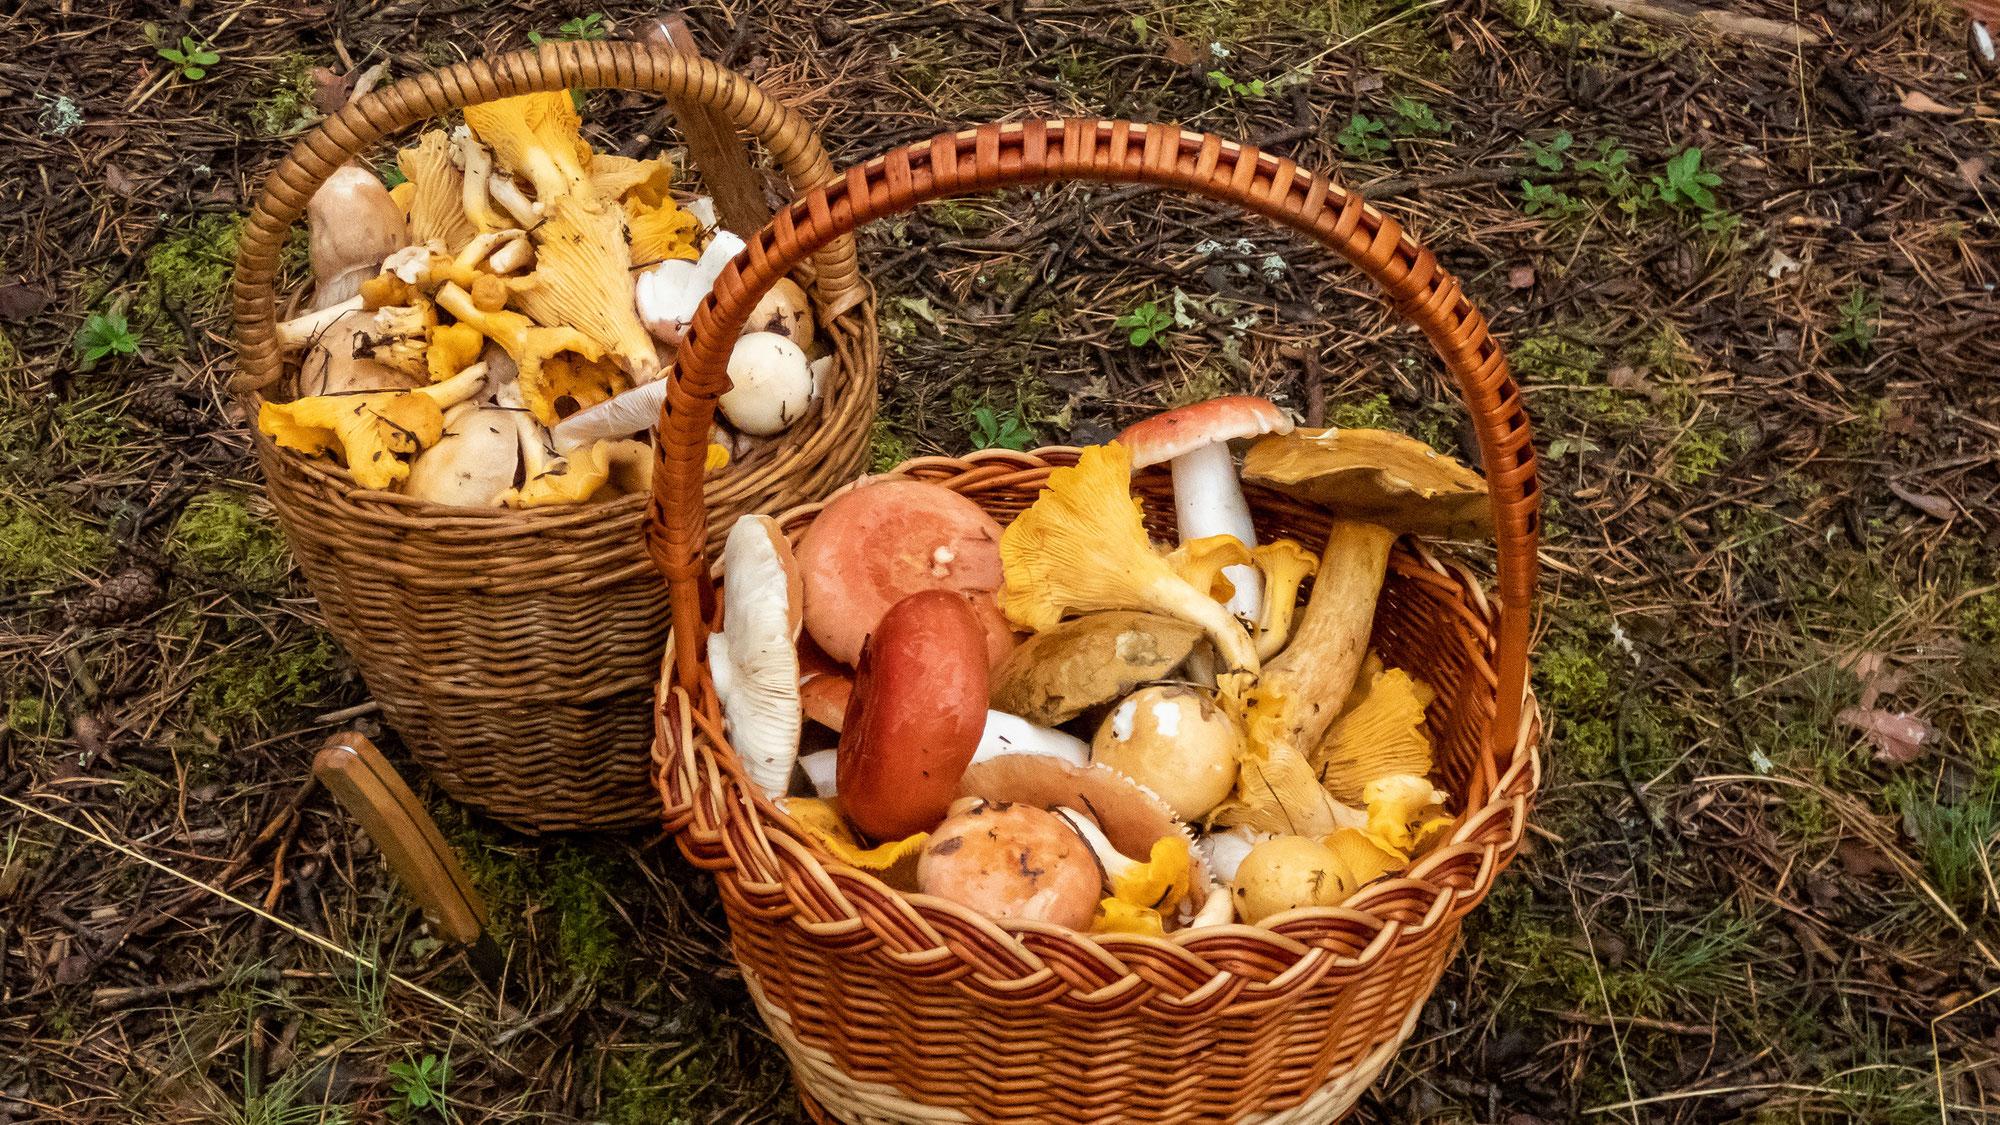 Ein Wochenende zum Pilzesammeln, ideales Wetter lädt in Wald und Flur ein